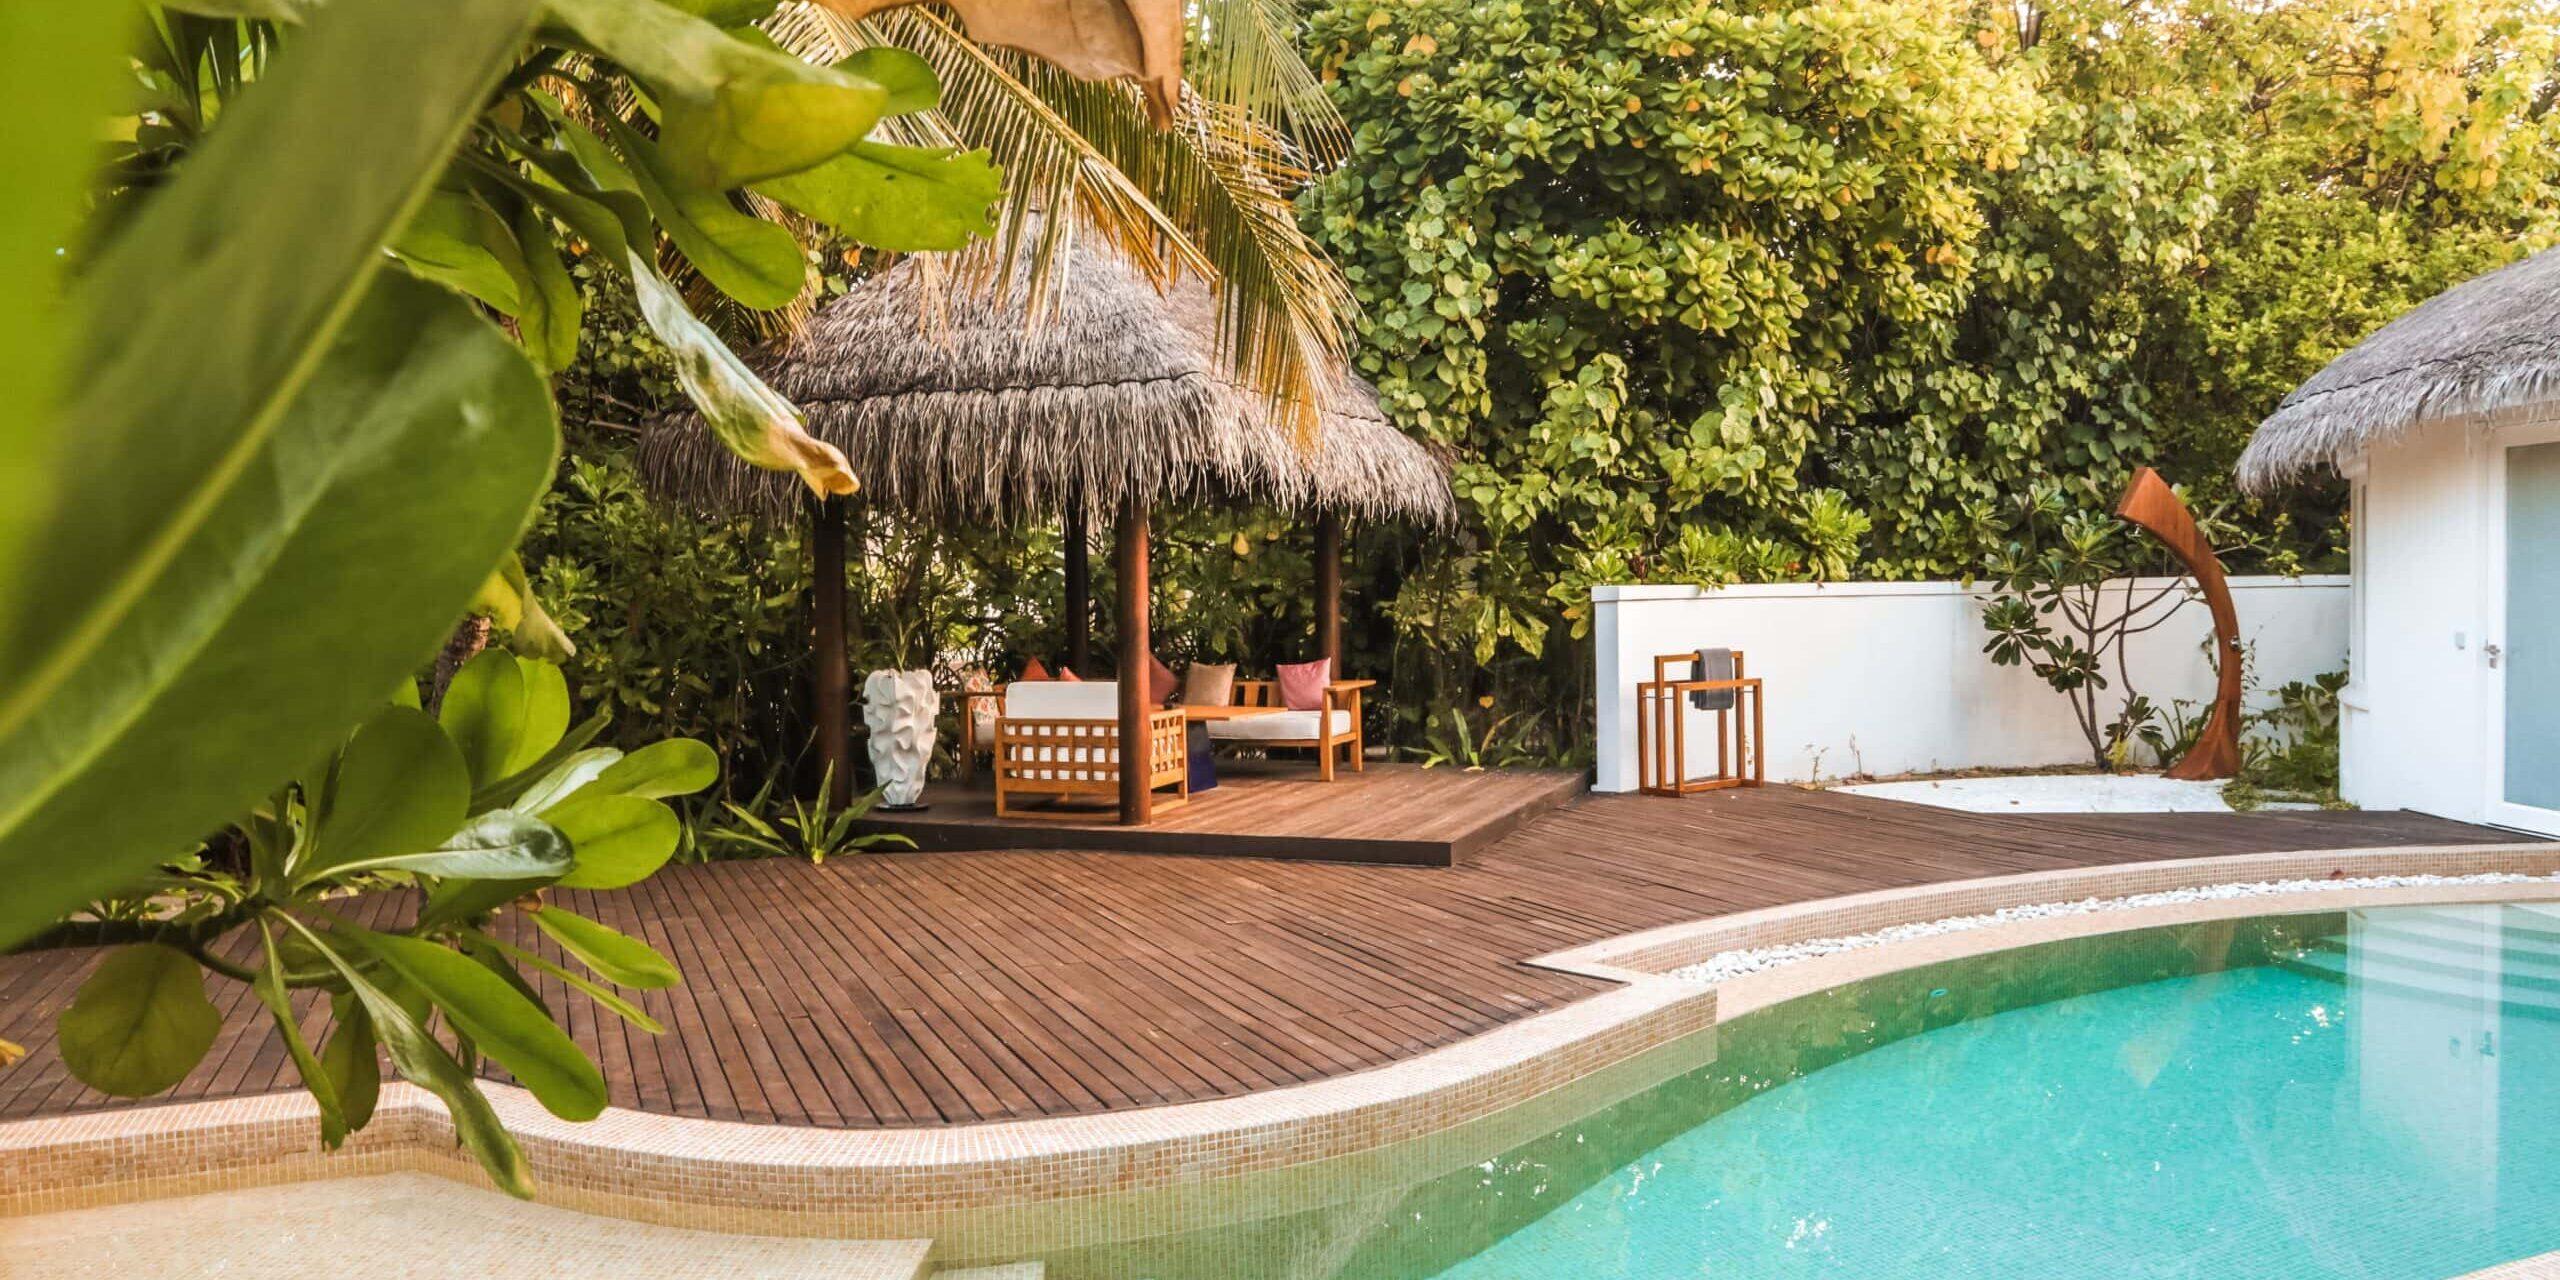 JW Marriott Maldives Pool